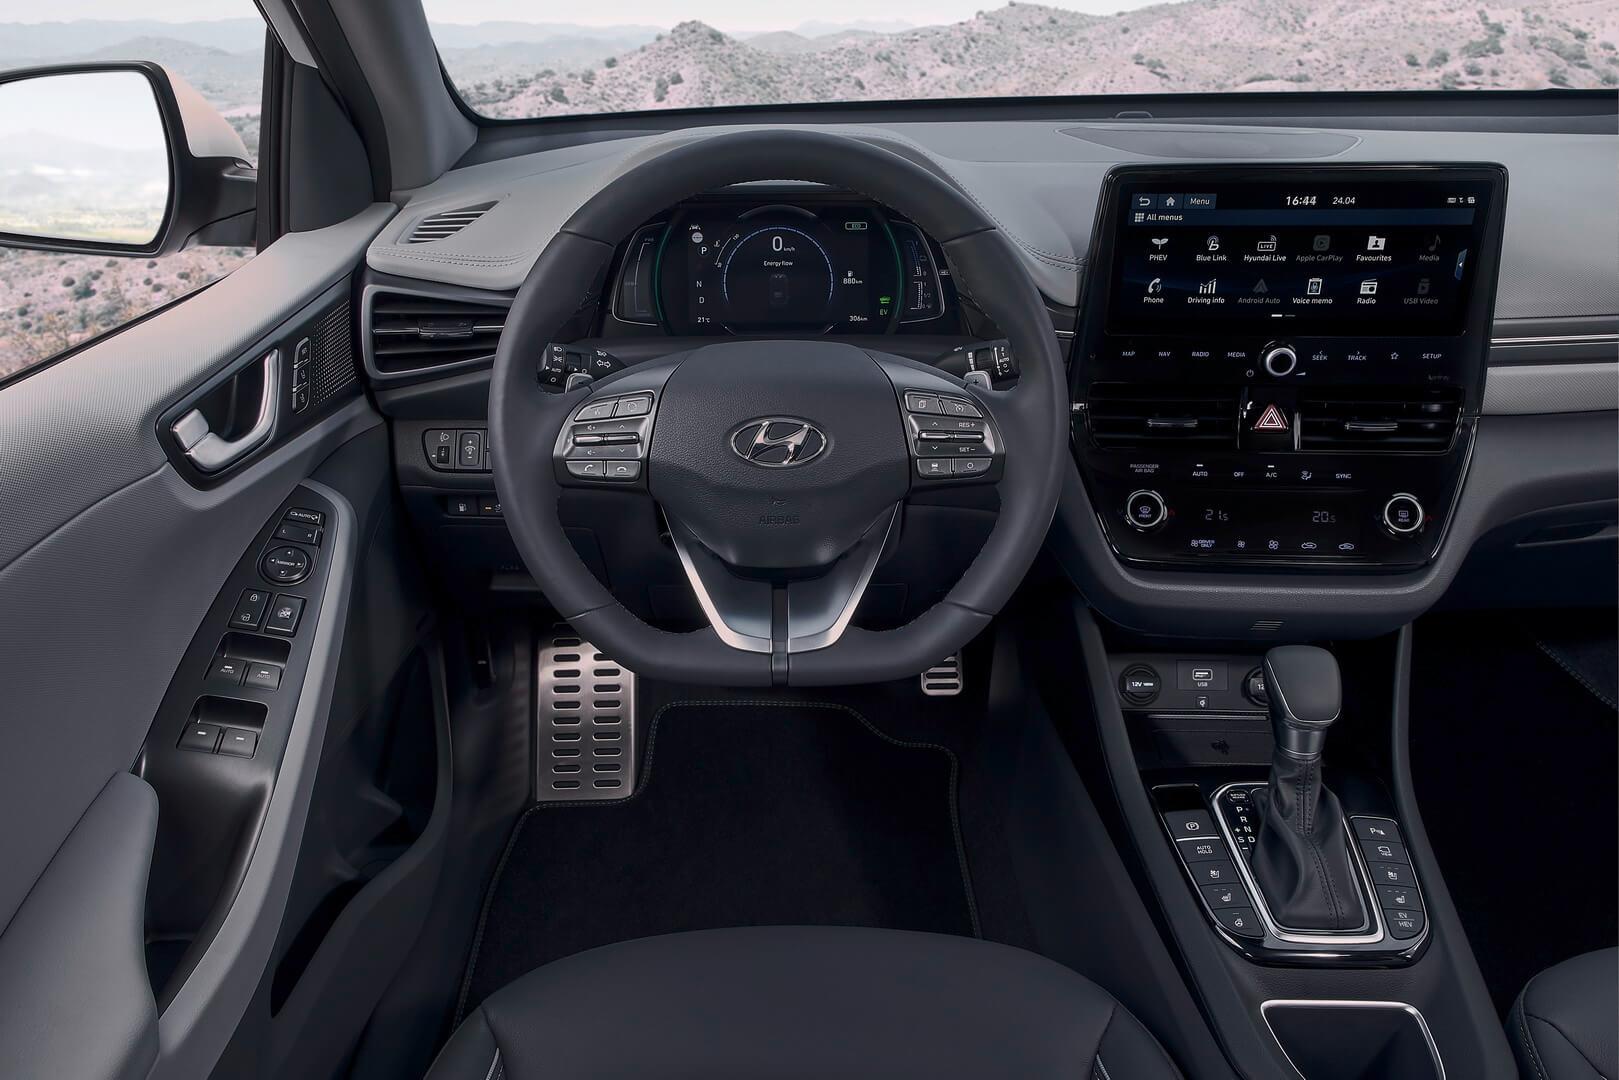 Фотография экоавто Hyundai IONIQ Plug-in Hybrid 2019 - фото 18